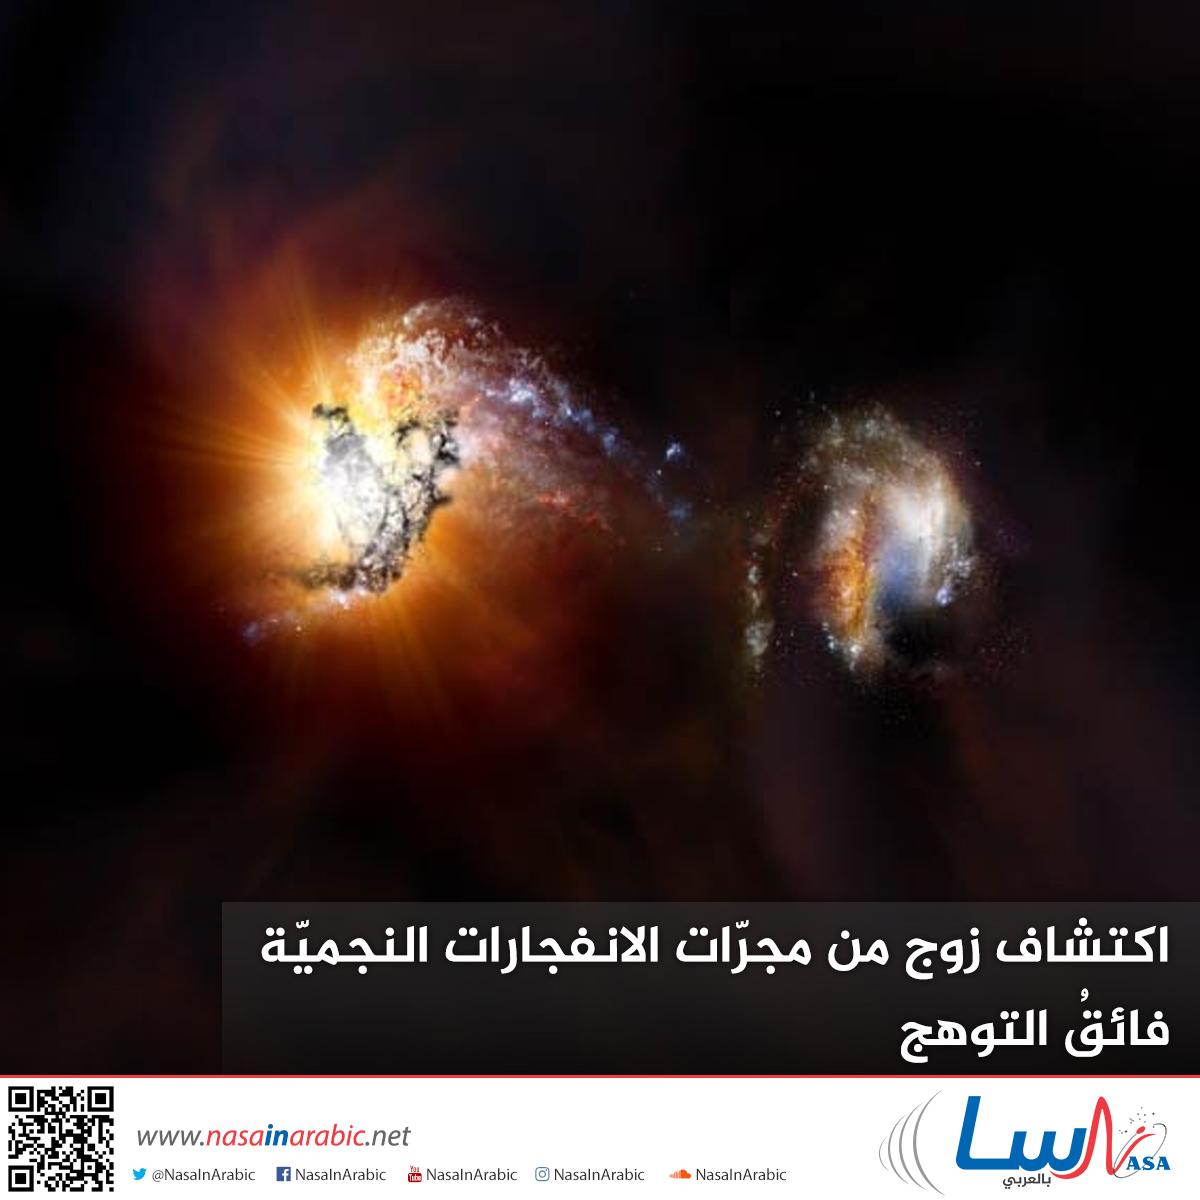 اكتشاف زوجٍ من مجرات الانفجارات النجمية فائق التوهج